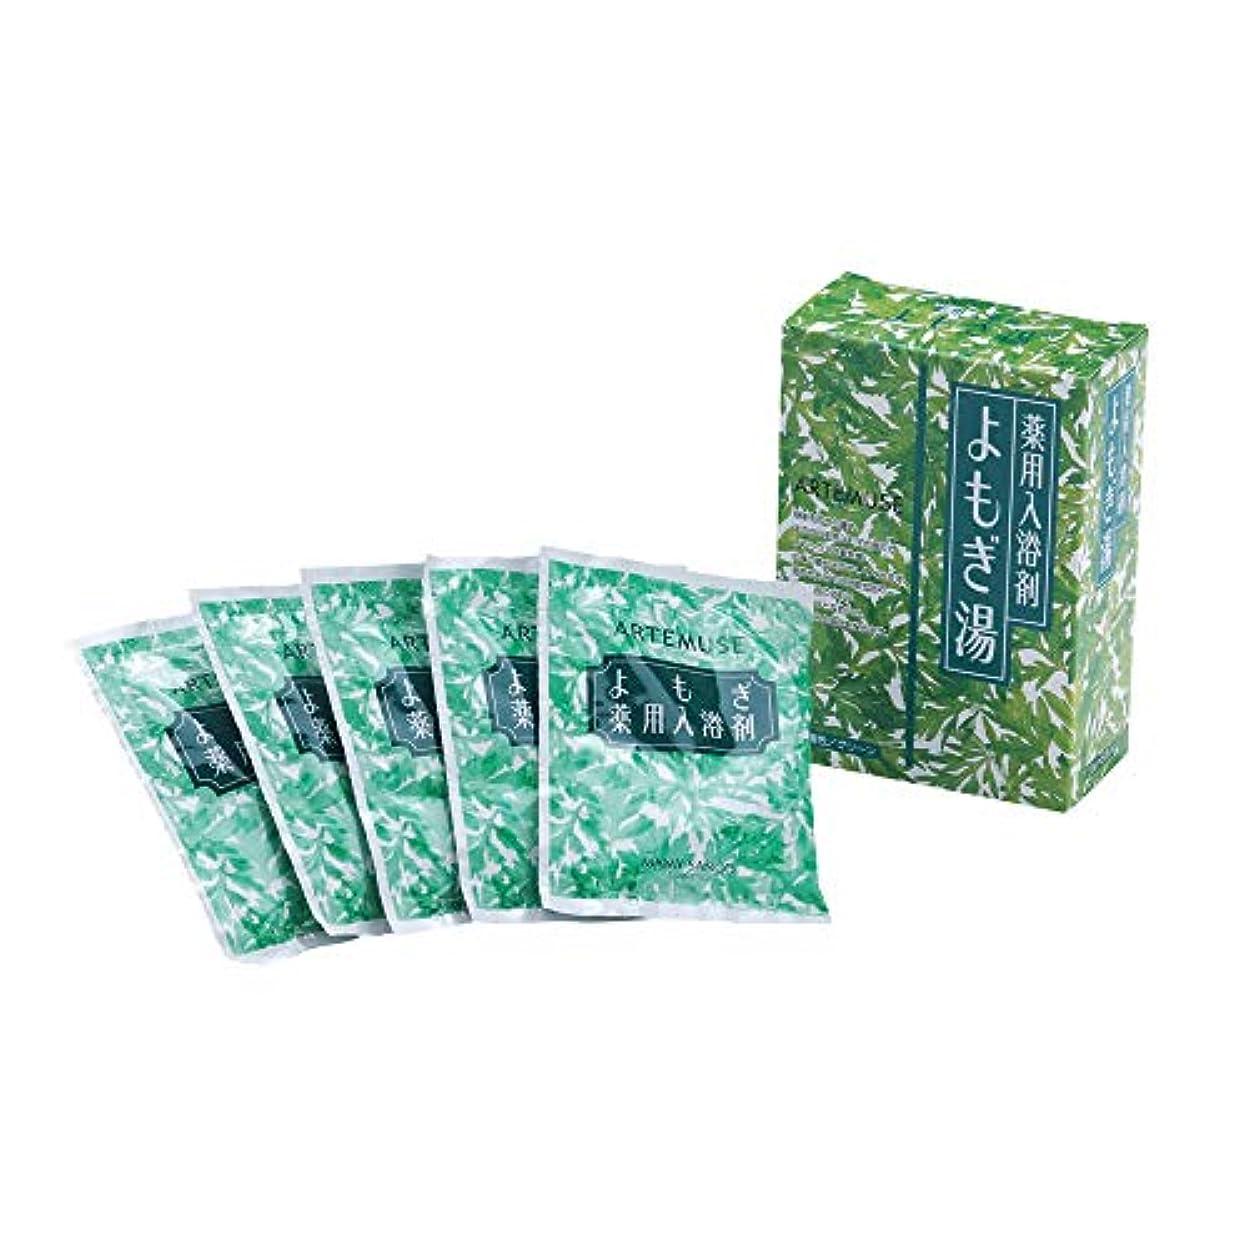 キャラバンアーティファクトリーンマミーサンゴ よもぎ入浴剤 薬用バスソルトA [分包タイプ] 30g×5包入 (1箱)